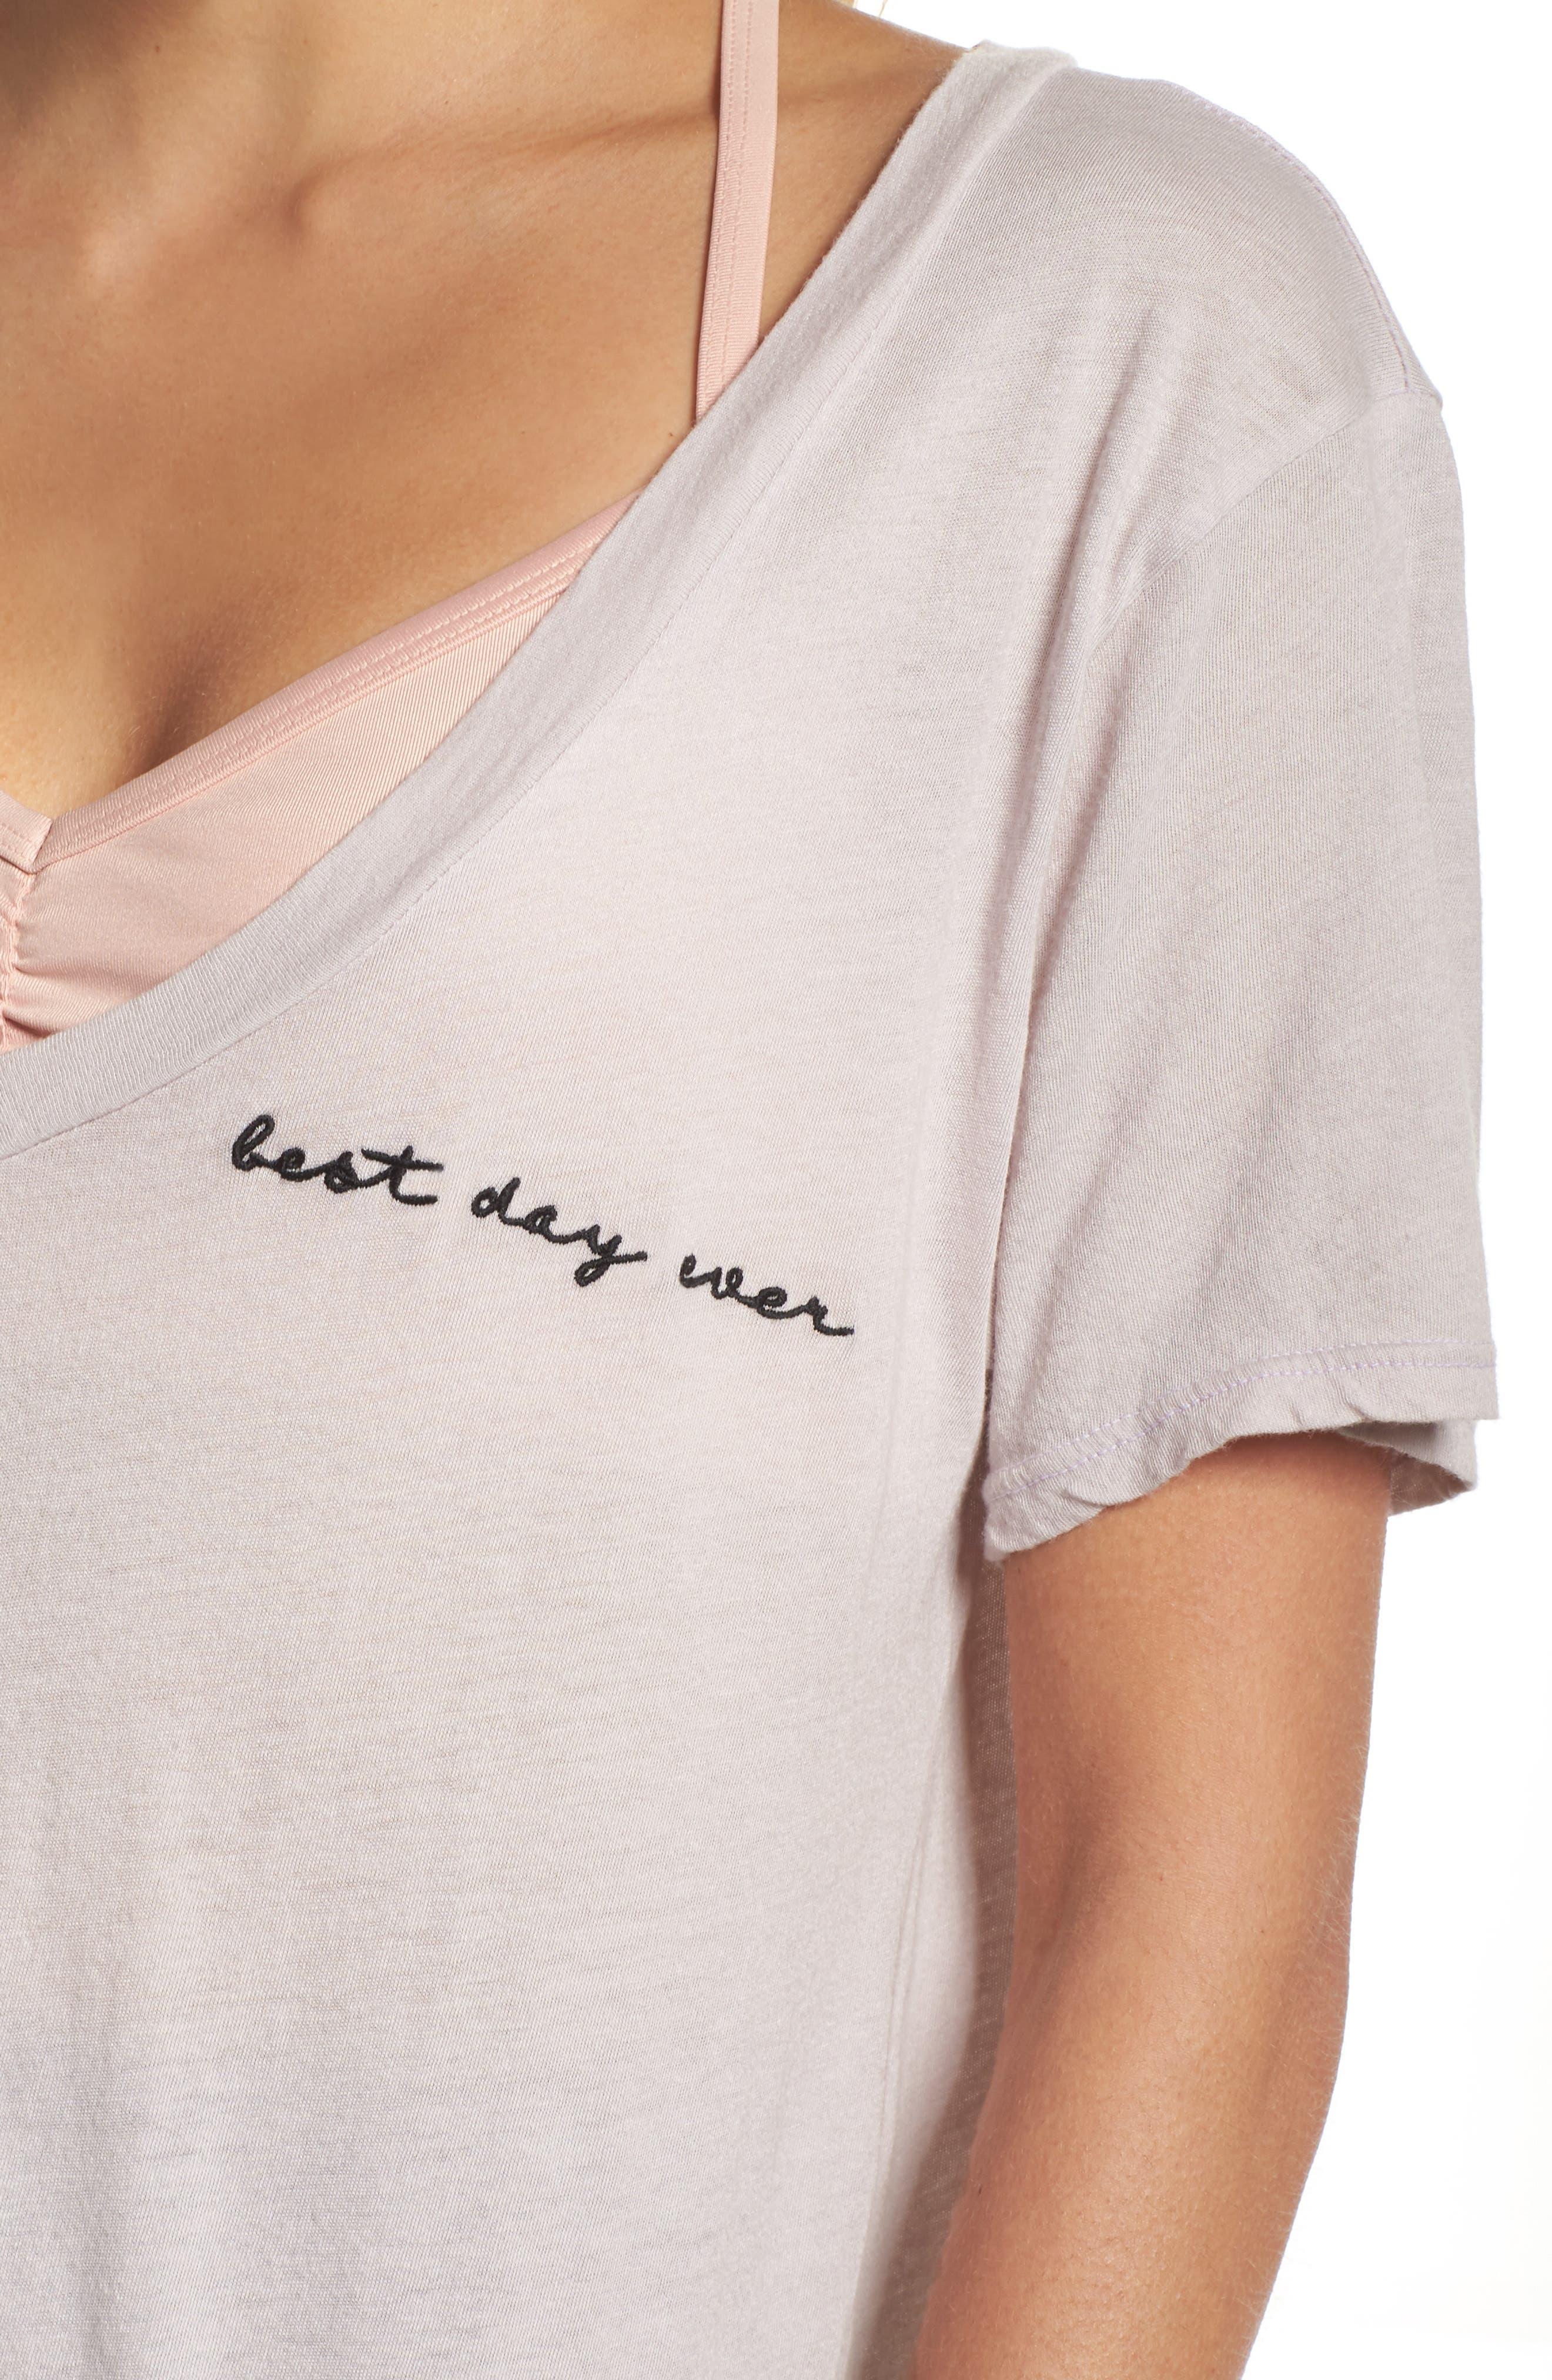 Aiden Best Day Ever V-Neck Shirt,                             Alternate thumbnail 4, color,                             500